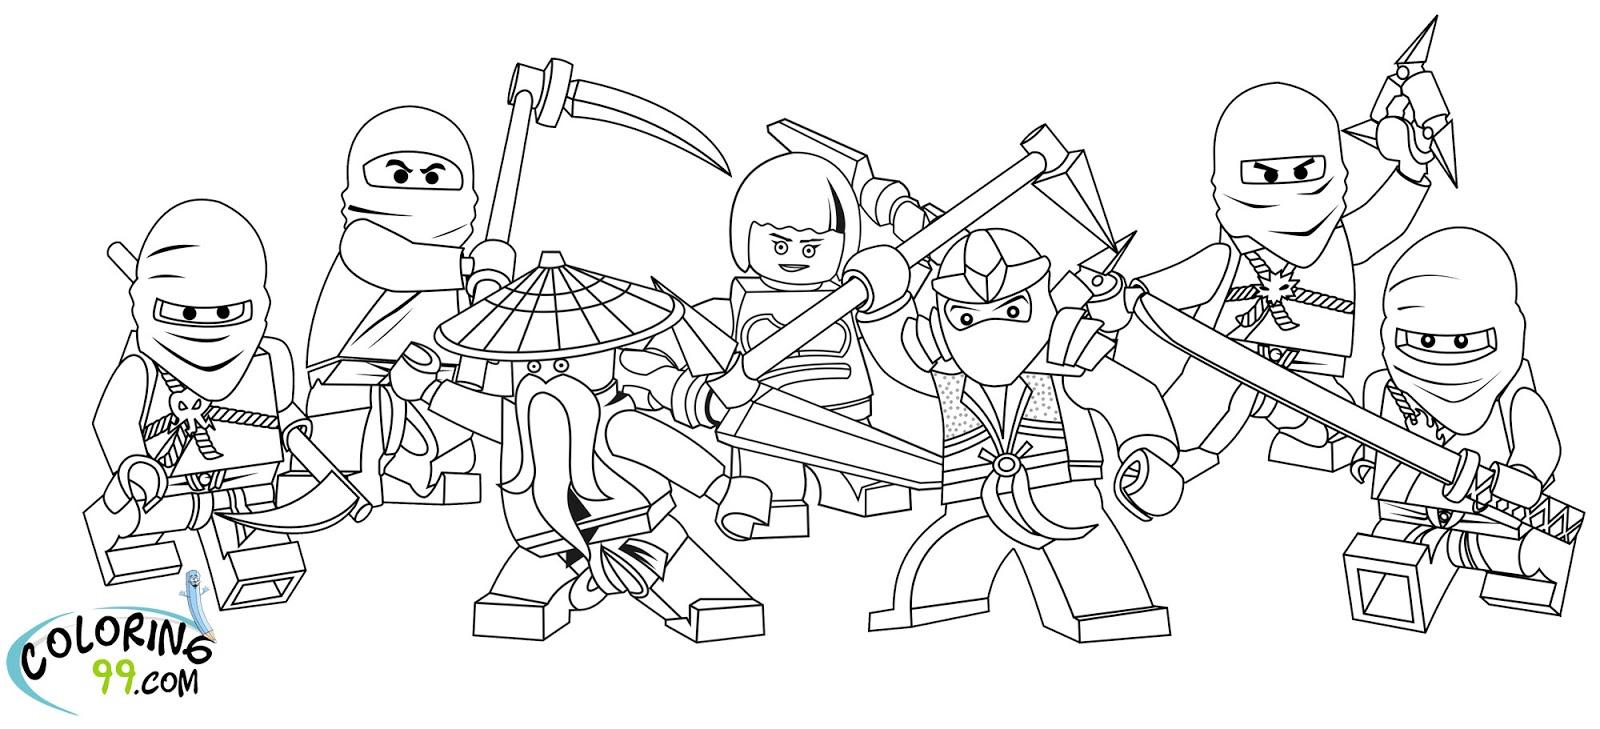 Lego Ninjago Morro Ausmalbilder : Lego Ninjago Coloring Page Democraciaejustica